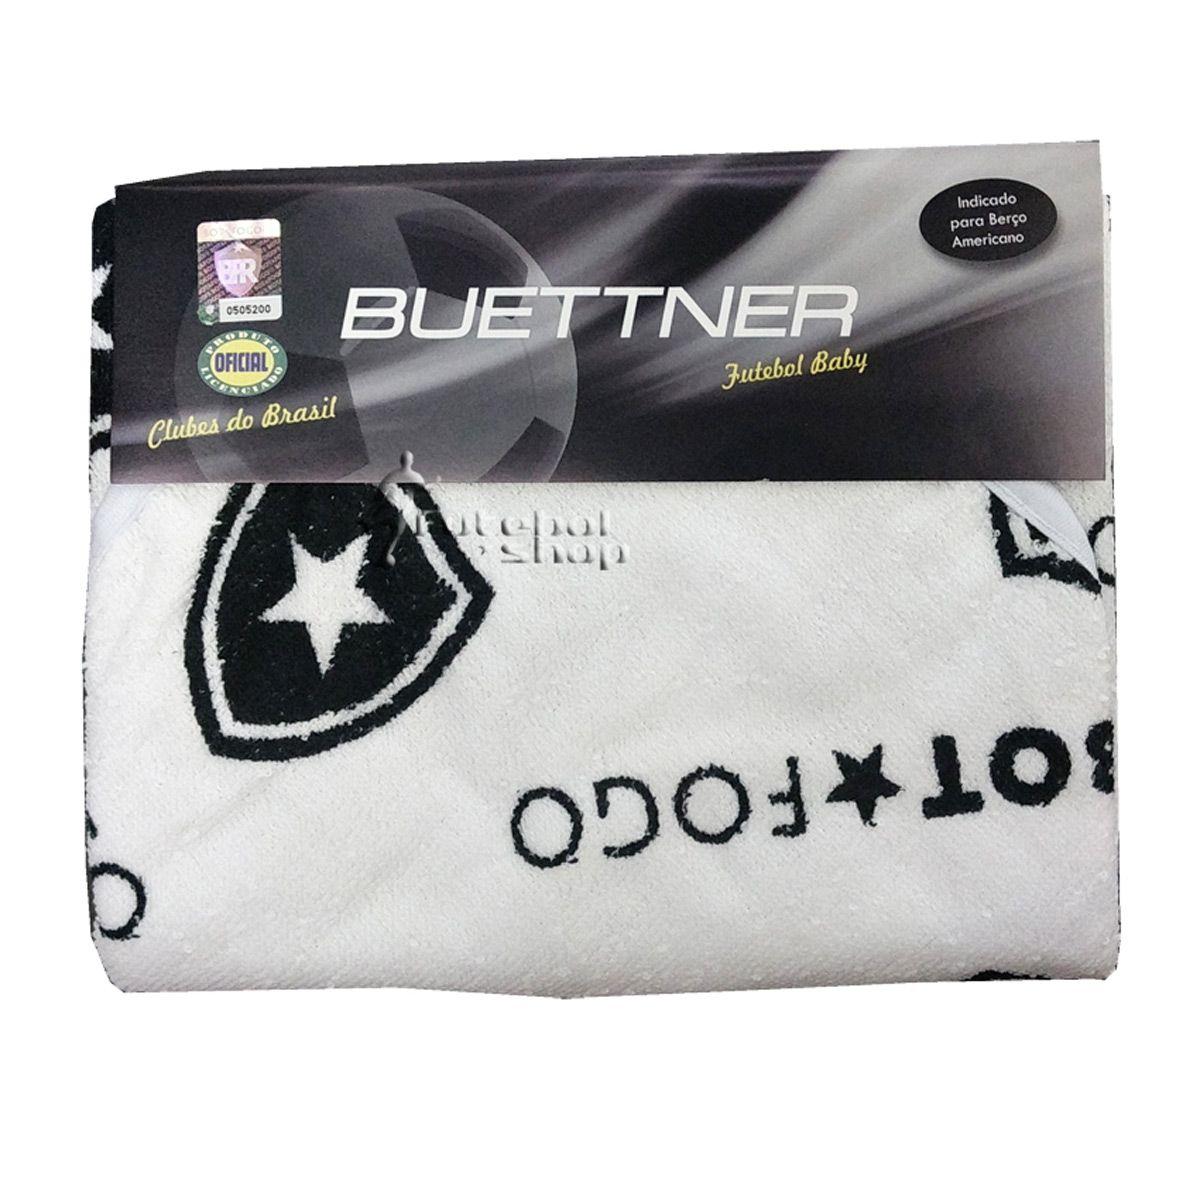 Kit Toalha p/ Bebê do Botafogo c/ Capuz + Fronha de Berço Buettner